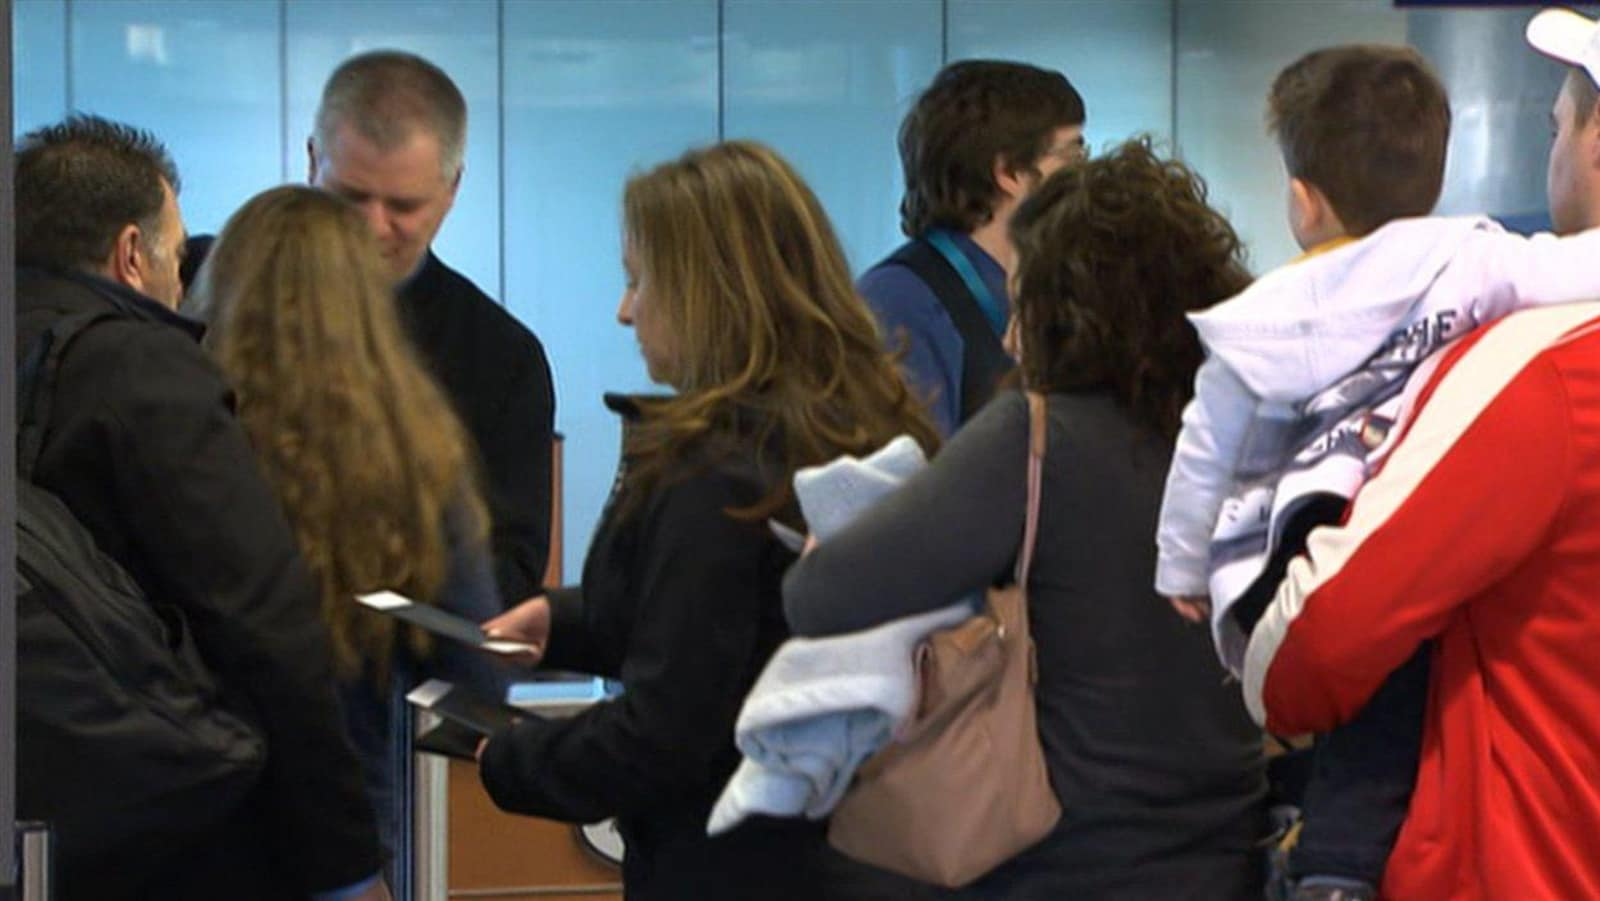 Une femme tendant son passeport au douanier pour en faire valider son passeport.